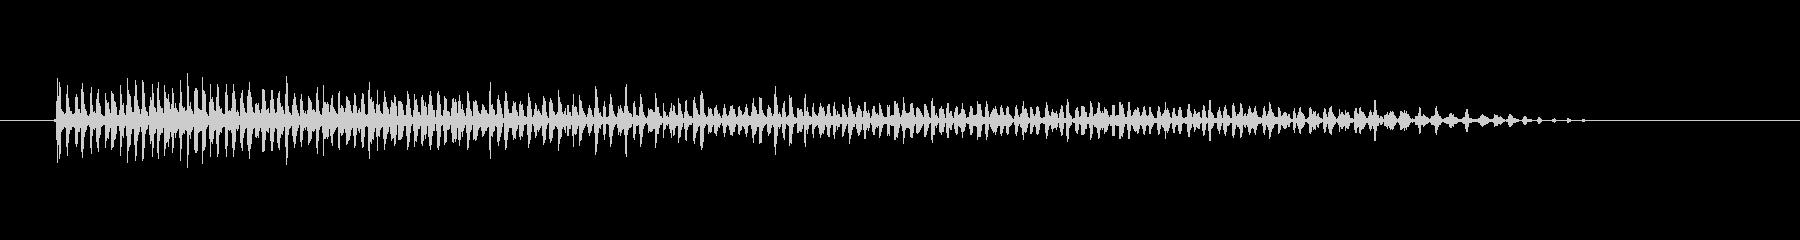 【ビブラスラップ01-2】の未再生の波形